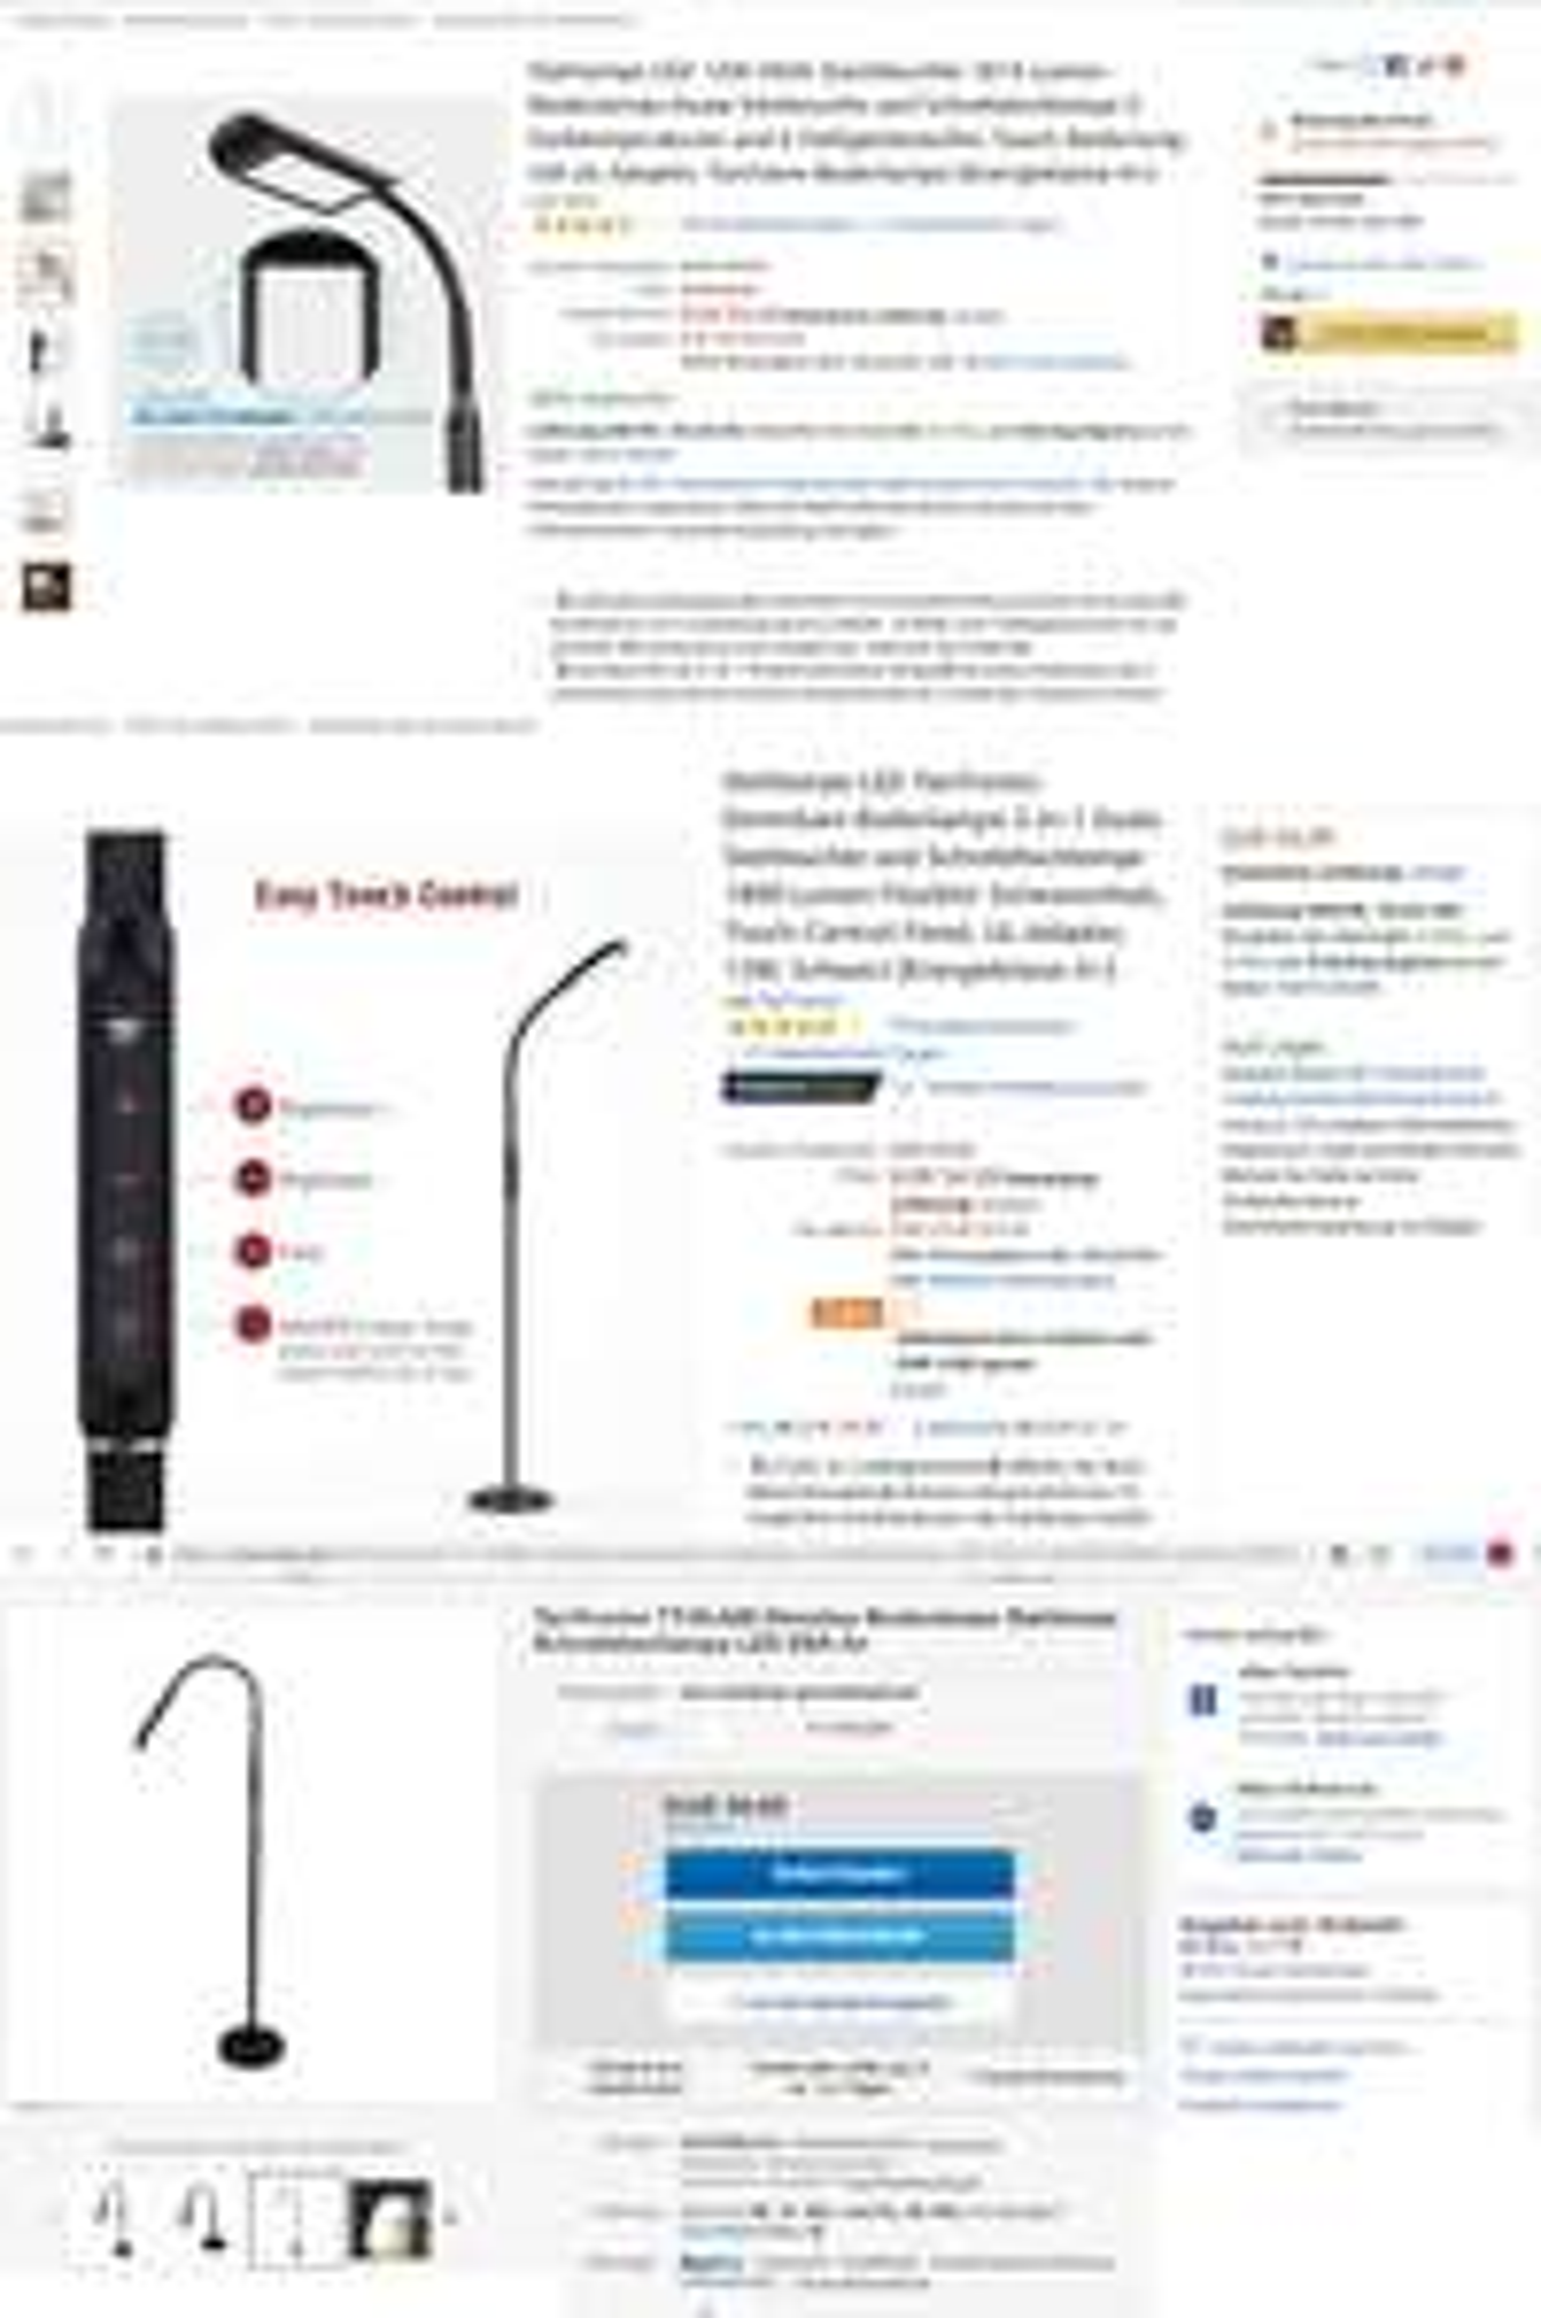 12W LED Stehlampe Schreibtischlampe 52€/60€ - TaoTronics TT-DL046 - auch als eBay Rückläufer